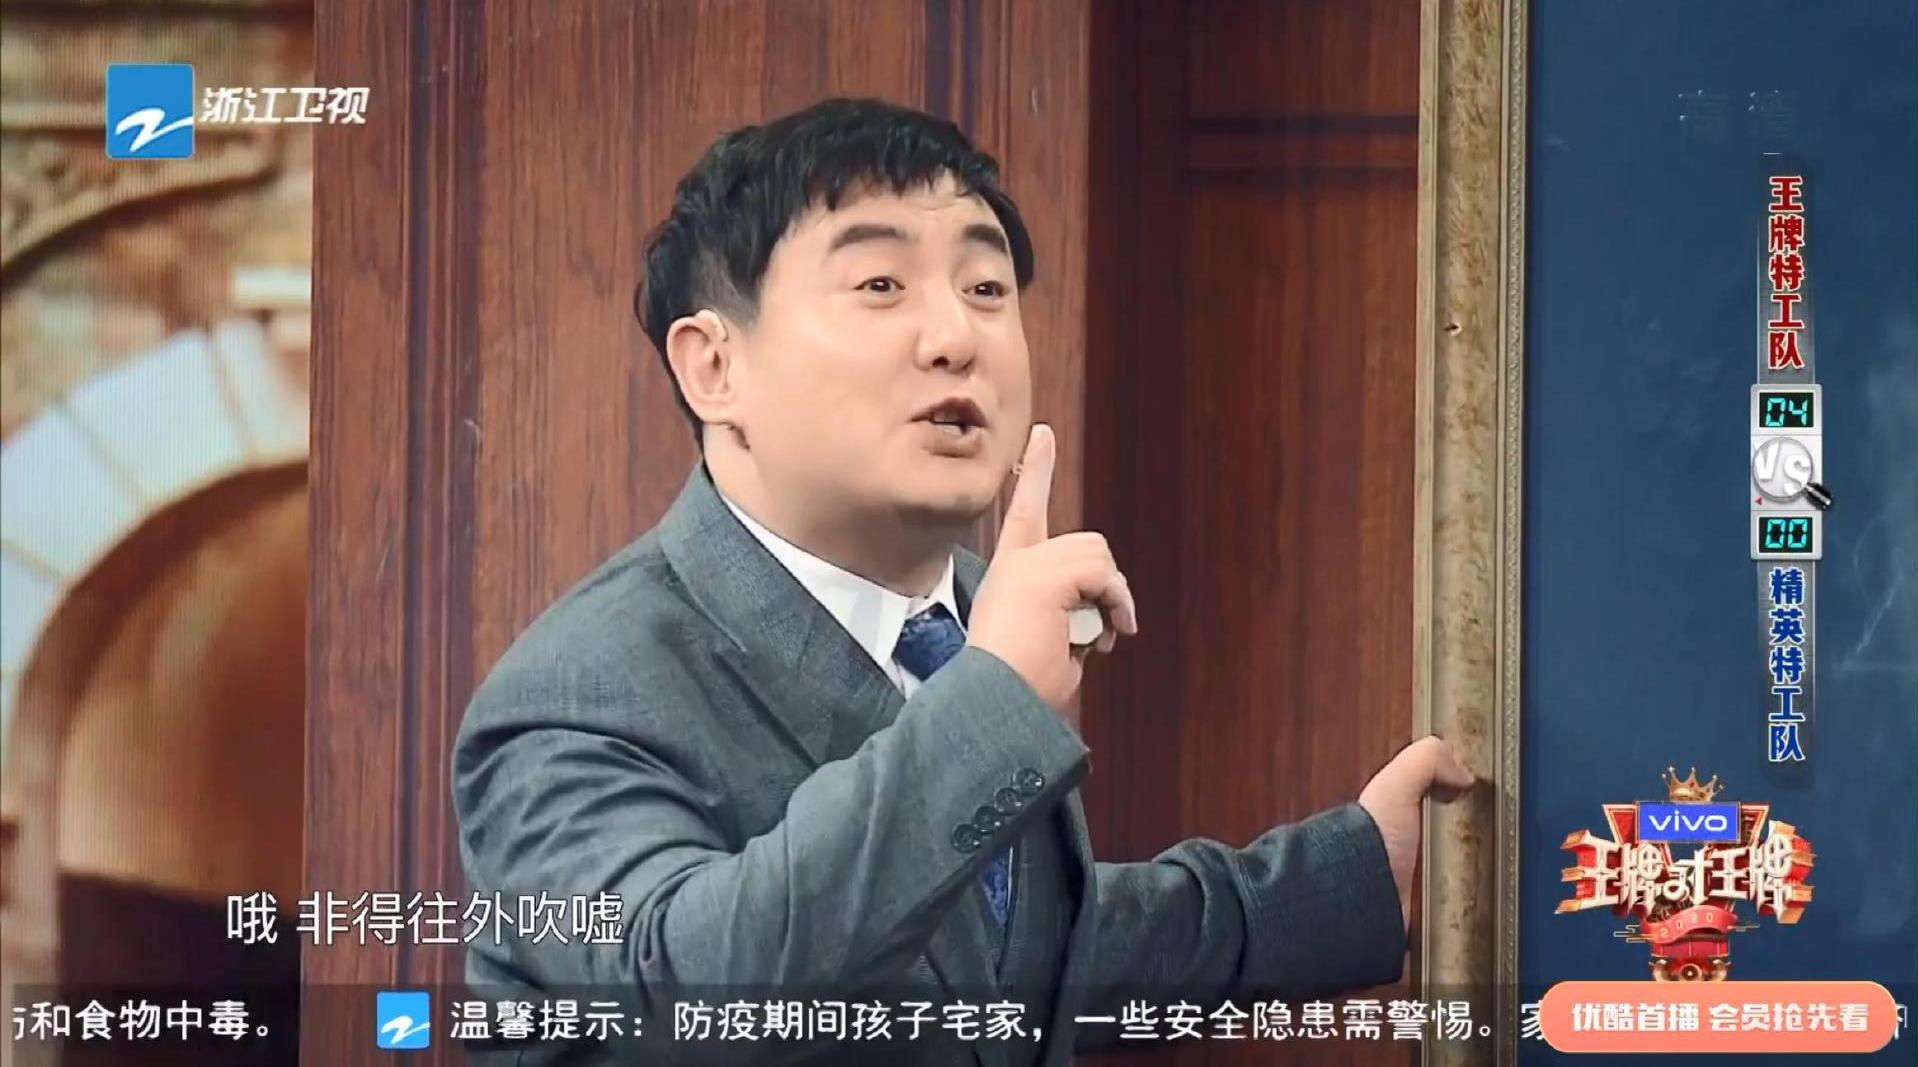 沈腾画画全程:吴亦凡+马冬梅+易烊千玺+蔡徐坤……